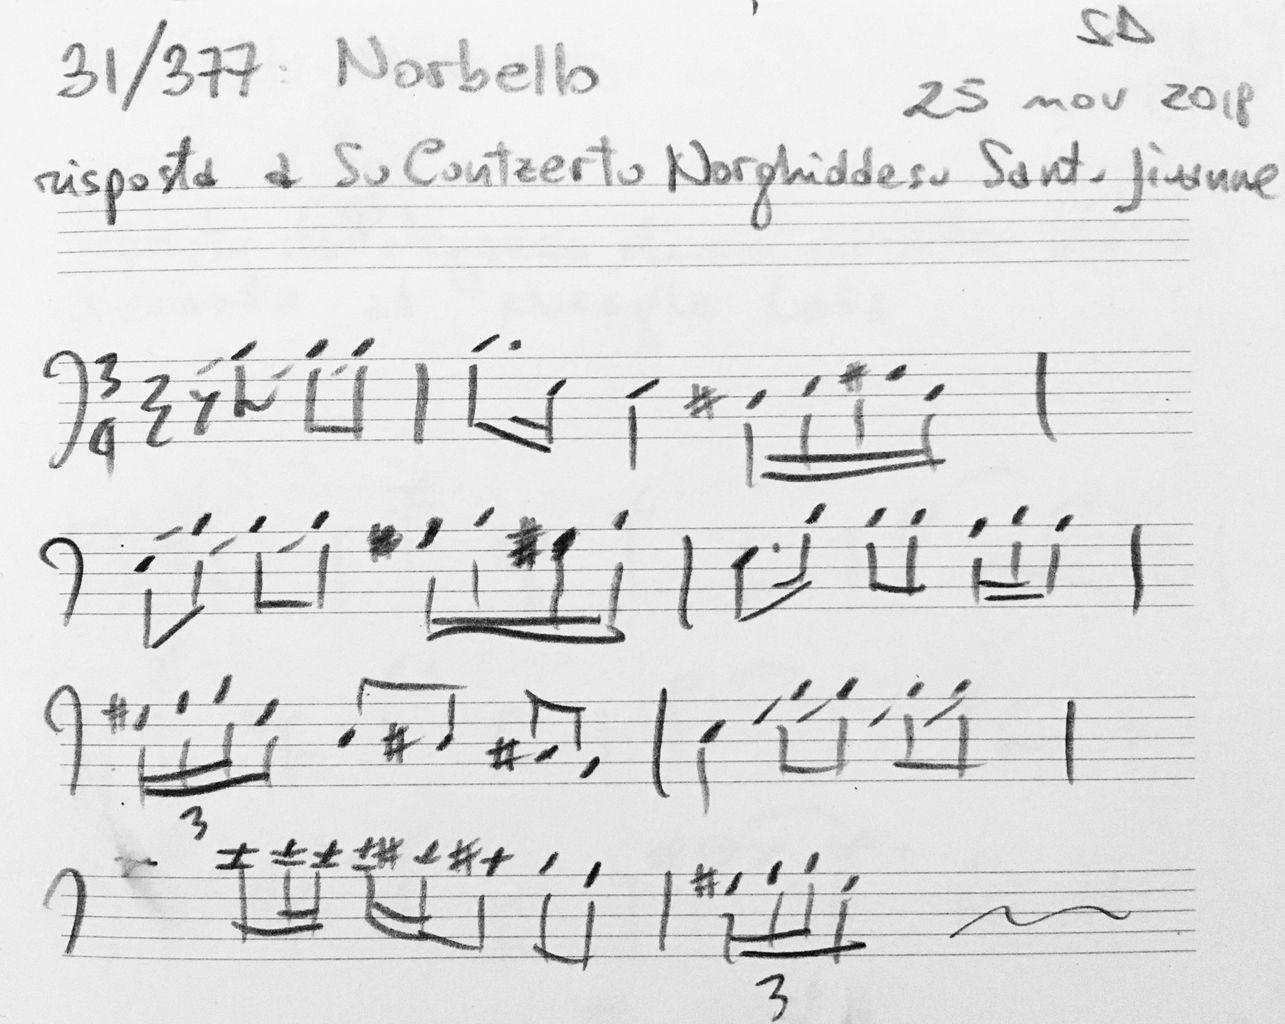 031-Norbello-Score